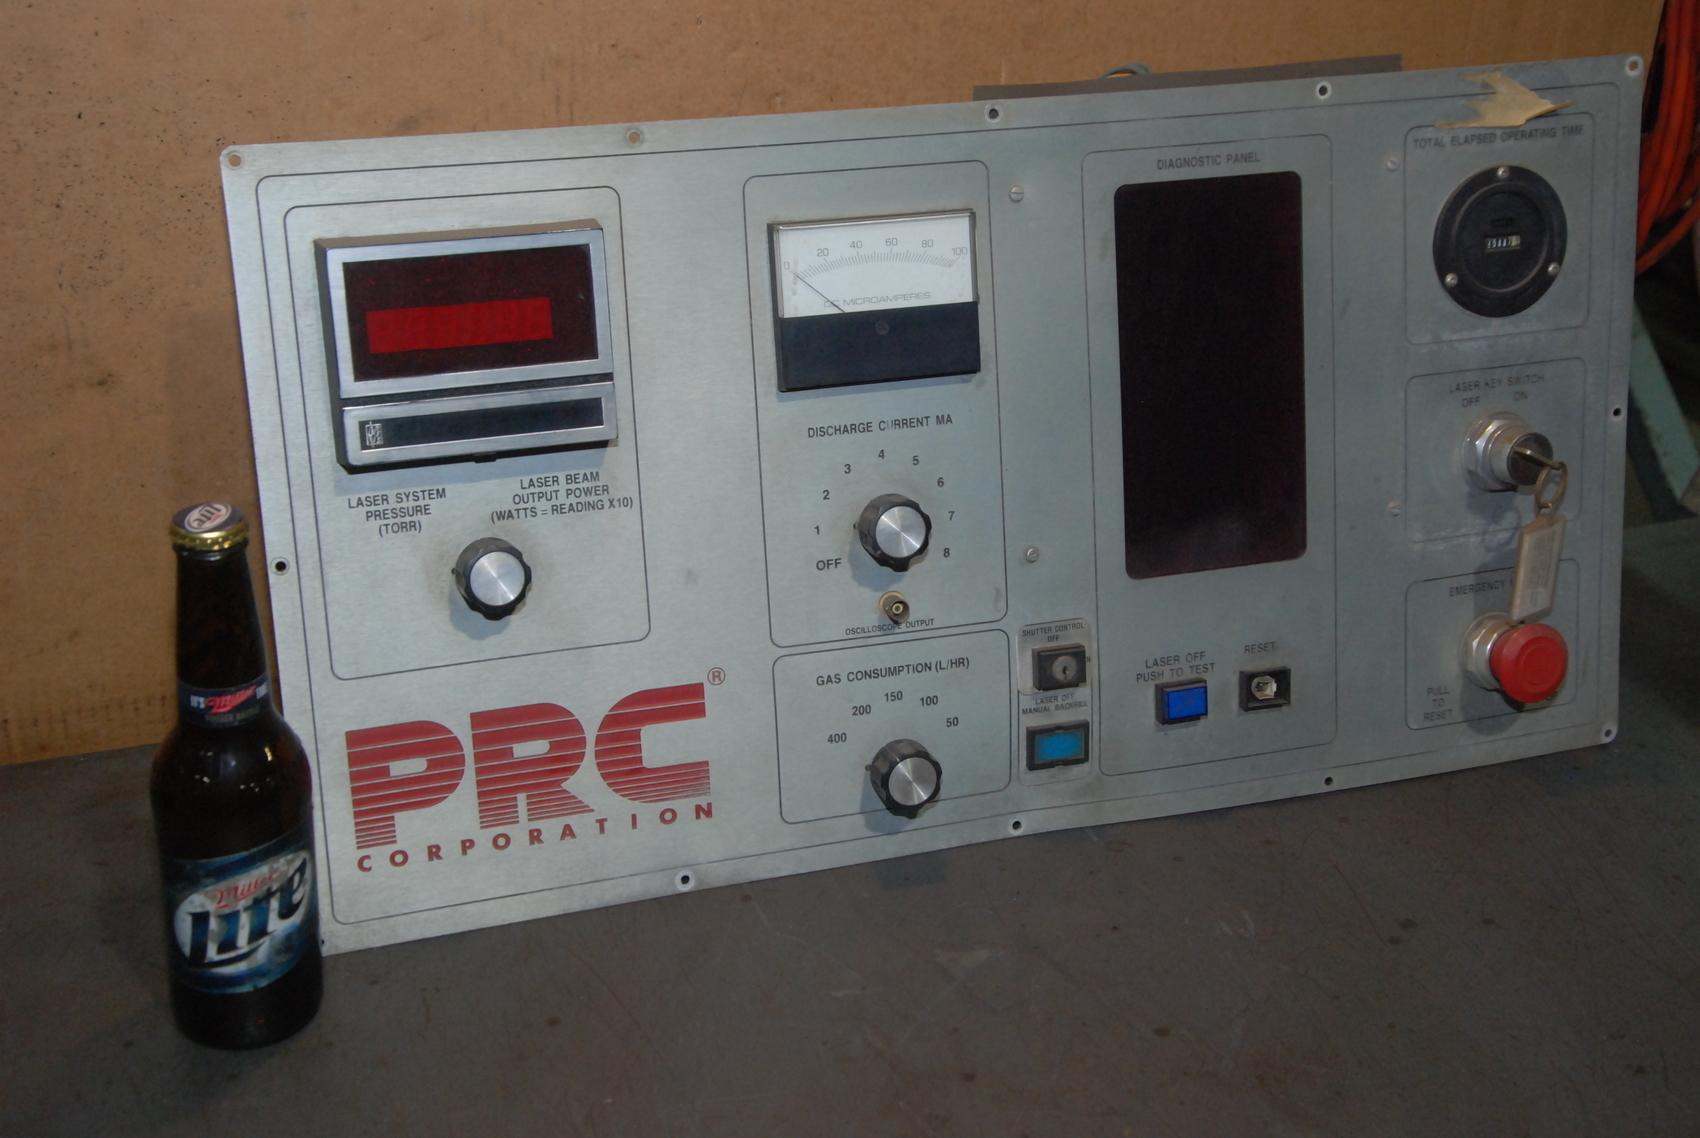 Amada Lasmac 667 PRC laser control panel